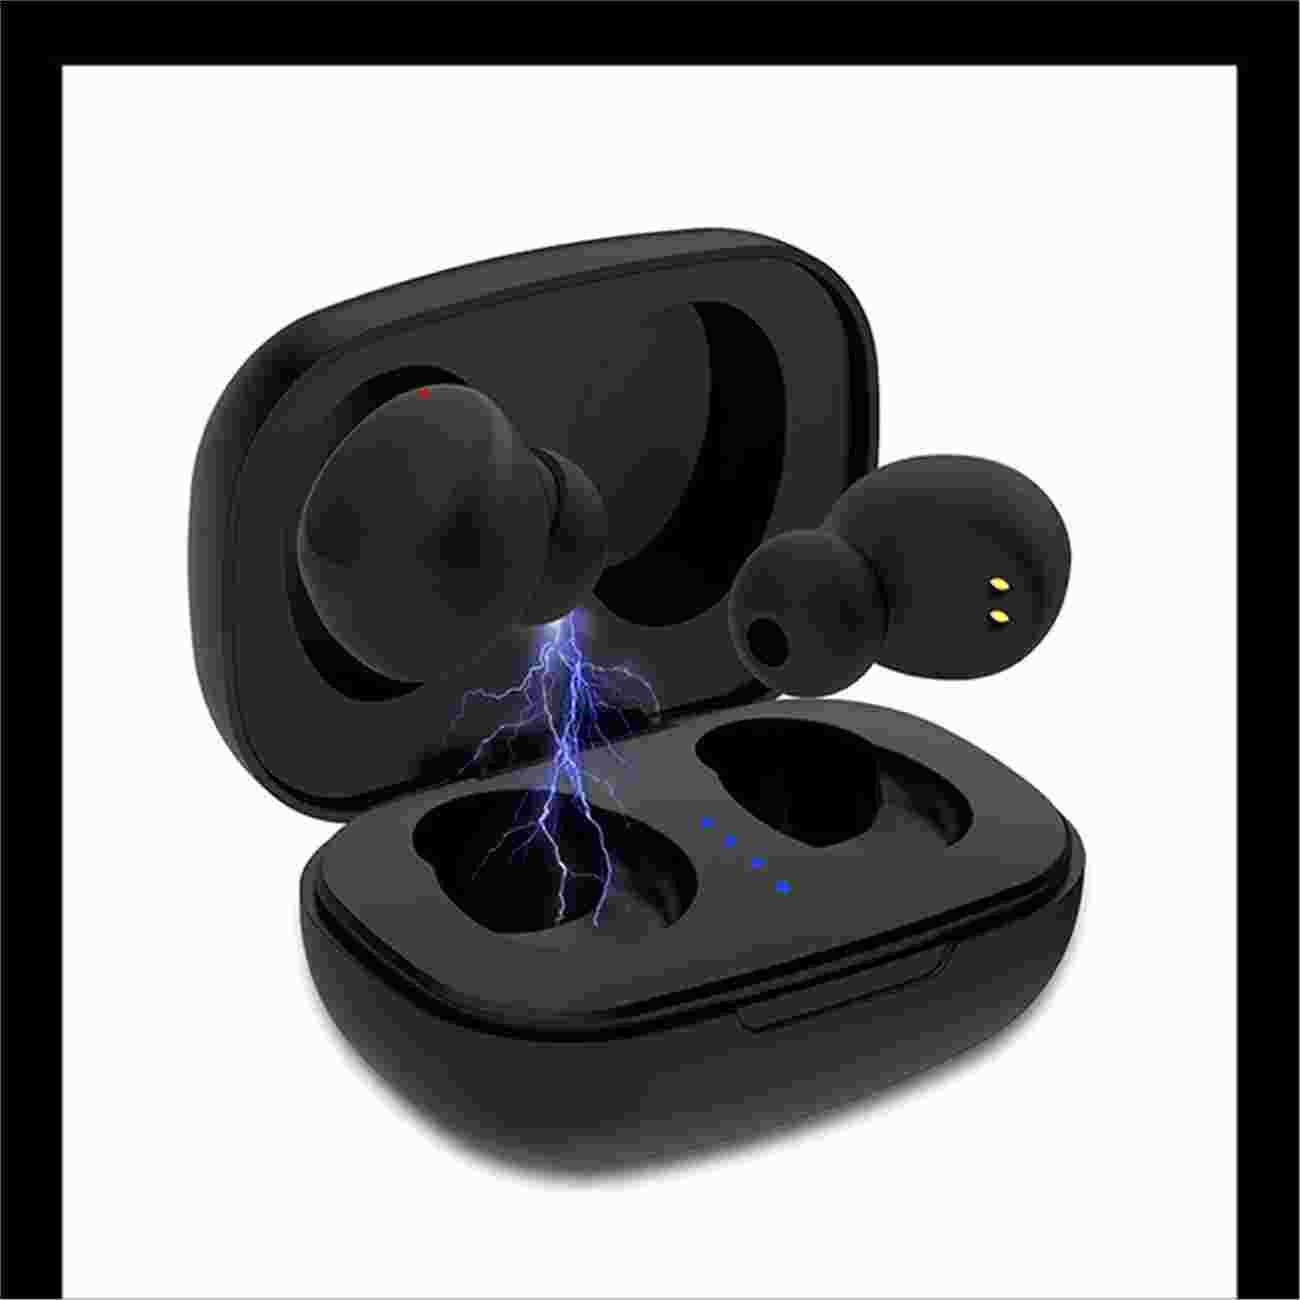 力量威 8BK-J39TWS无线蓝牙耳机 蓝牙5.0/轻巧便携/智能触摸/支持安卓、苹果手机